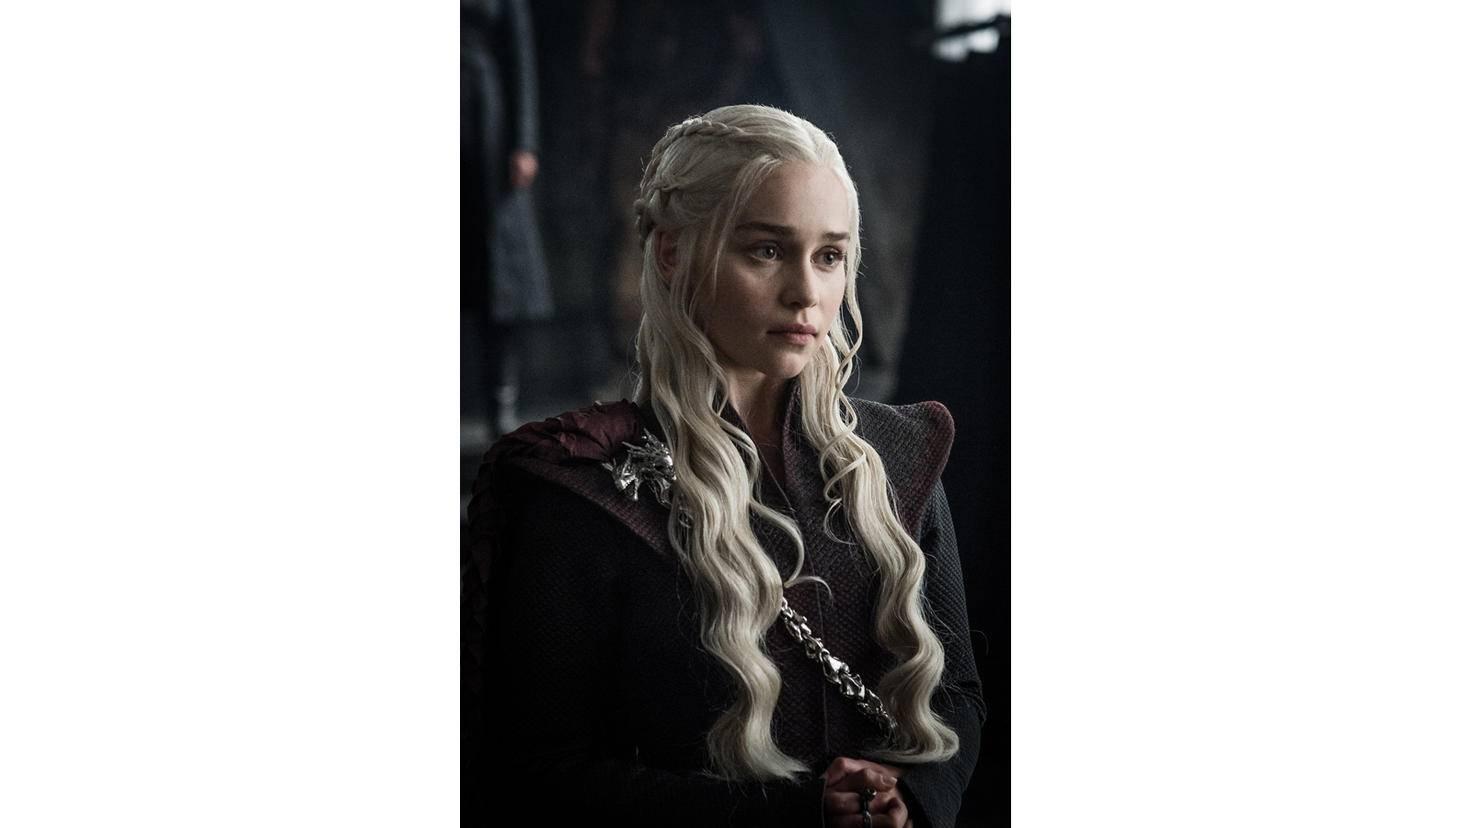 ... und sieht entschlossen aus, Königin von ganz Westeros werden zu wollen.